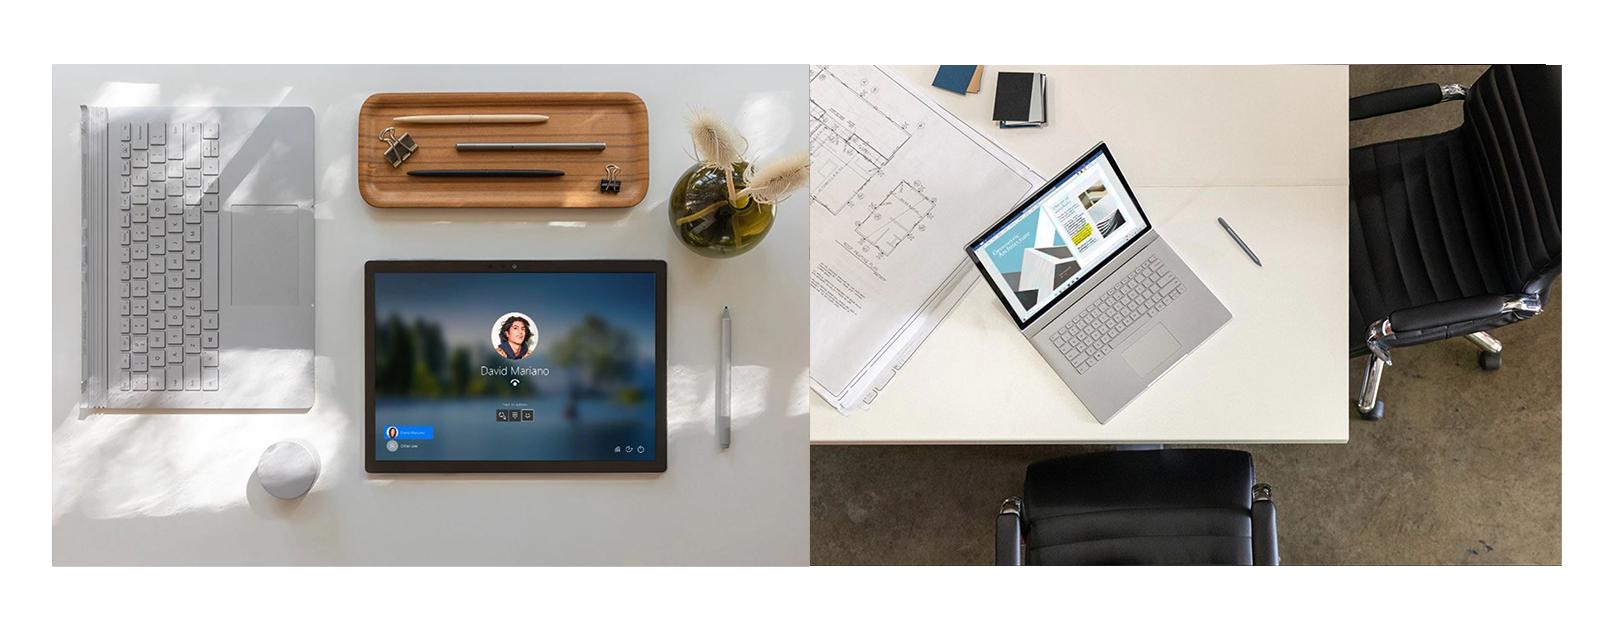 Das Surface Book 3 liegt als Tablet neben dem Surface Dial und Surface Book 3 Keyboard und das Surface Book steht aufgeklappt auf einem Schreibtisch